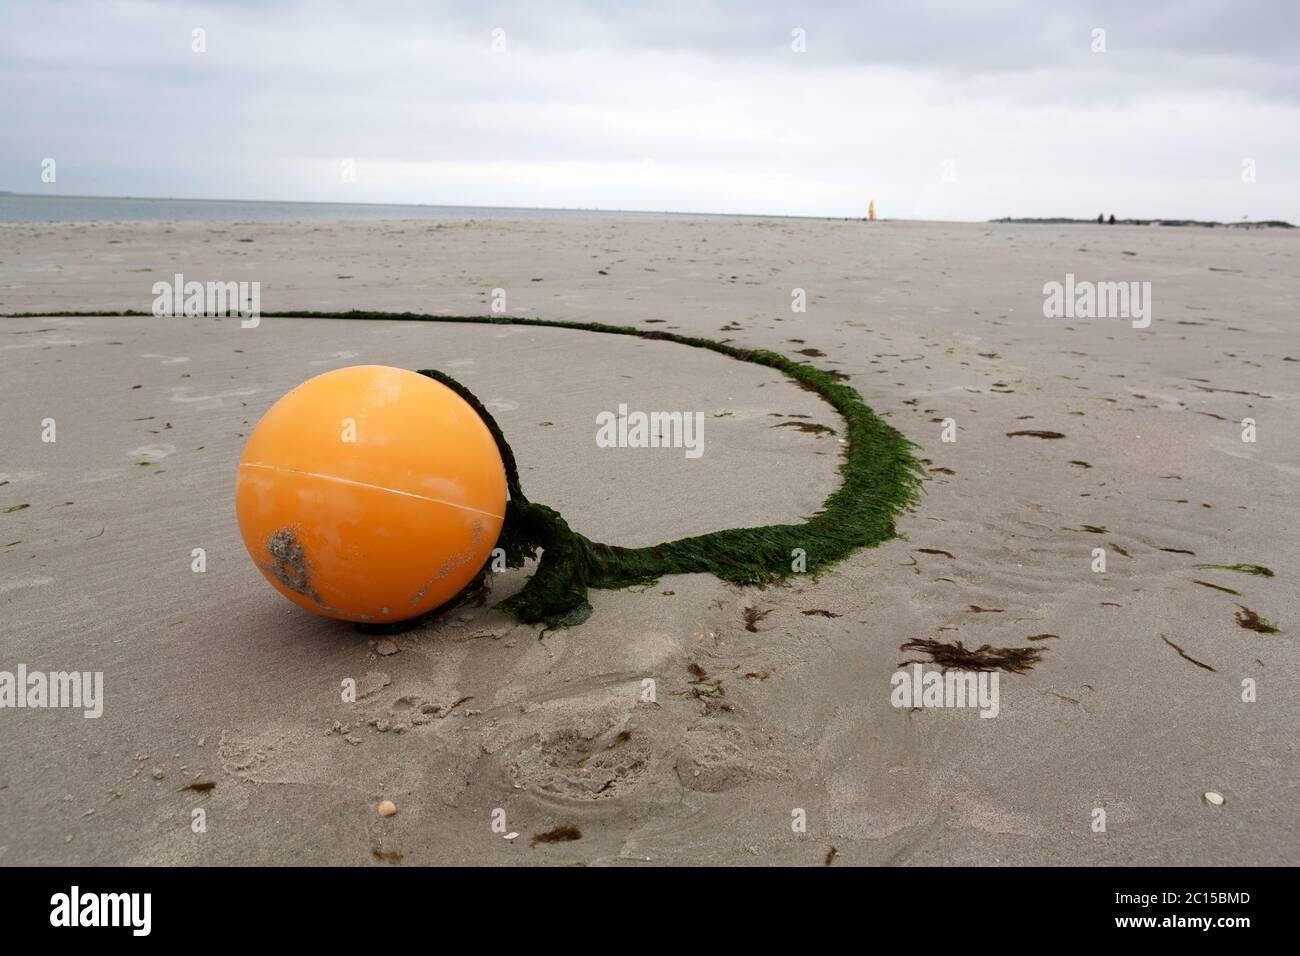 Bouée ronde orange sur la plage de sable en basse saison. Grande couche d'algues vertes couvrant la corde. Bord de mer au printemps. Banque D'Images